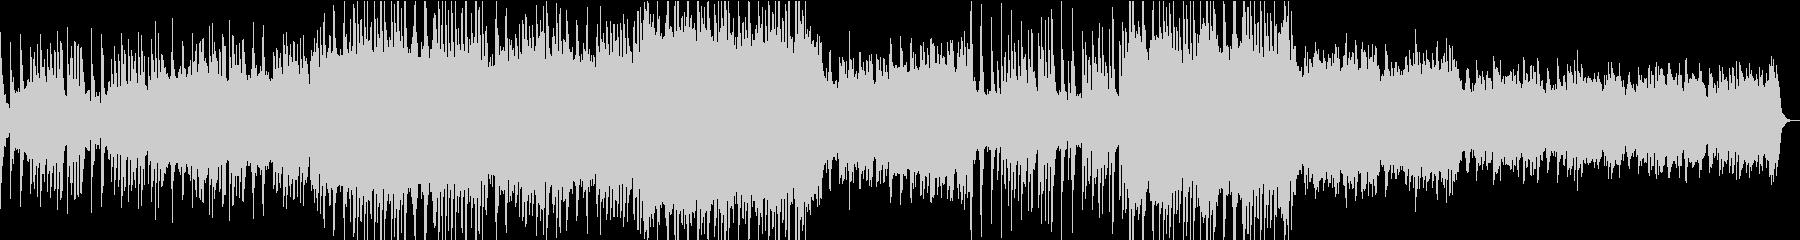 3拍子シンセアンビエントミュージックの未再生の波形